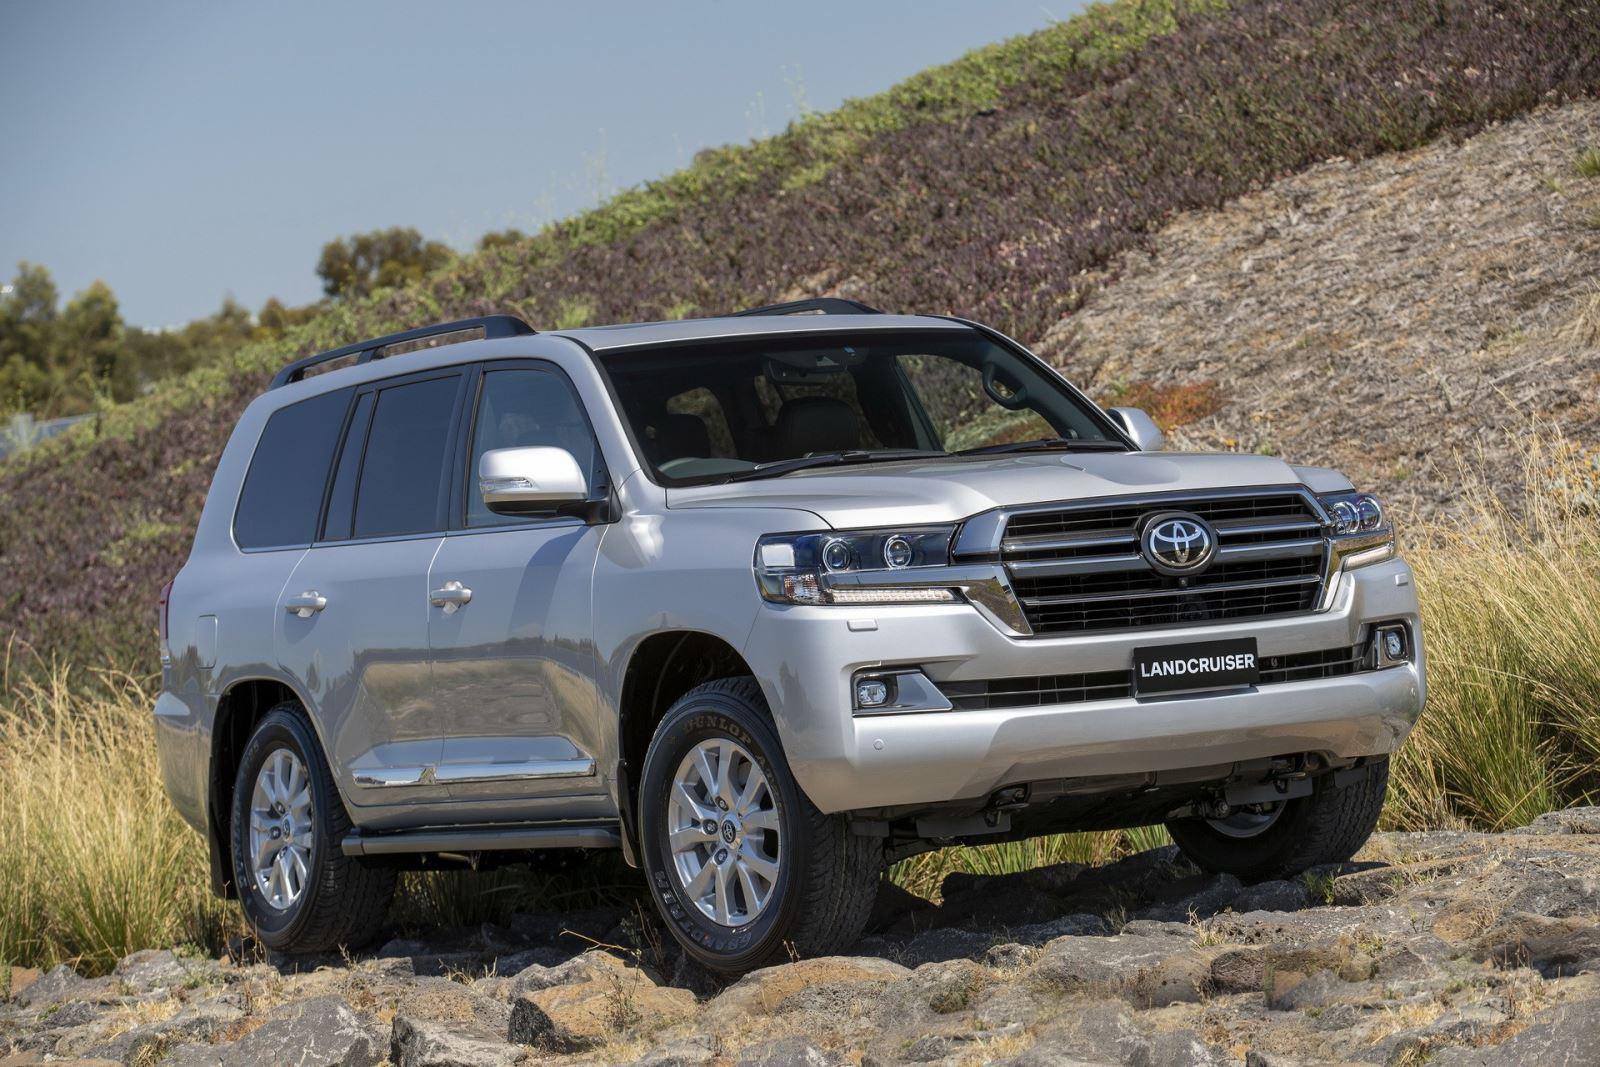 Toyota Land Cruiser Sahara Horizon phiên bản giới hạn ra mắt, giá hơn 2 tỷ đồng